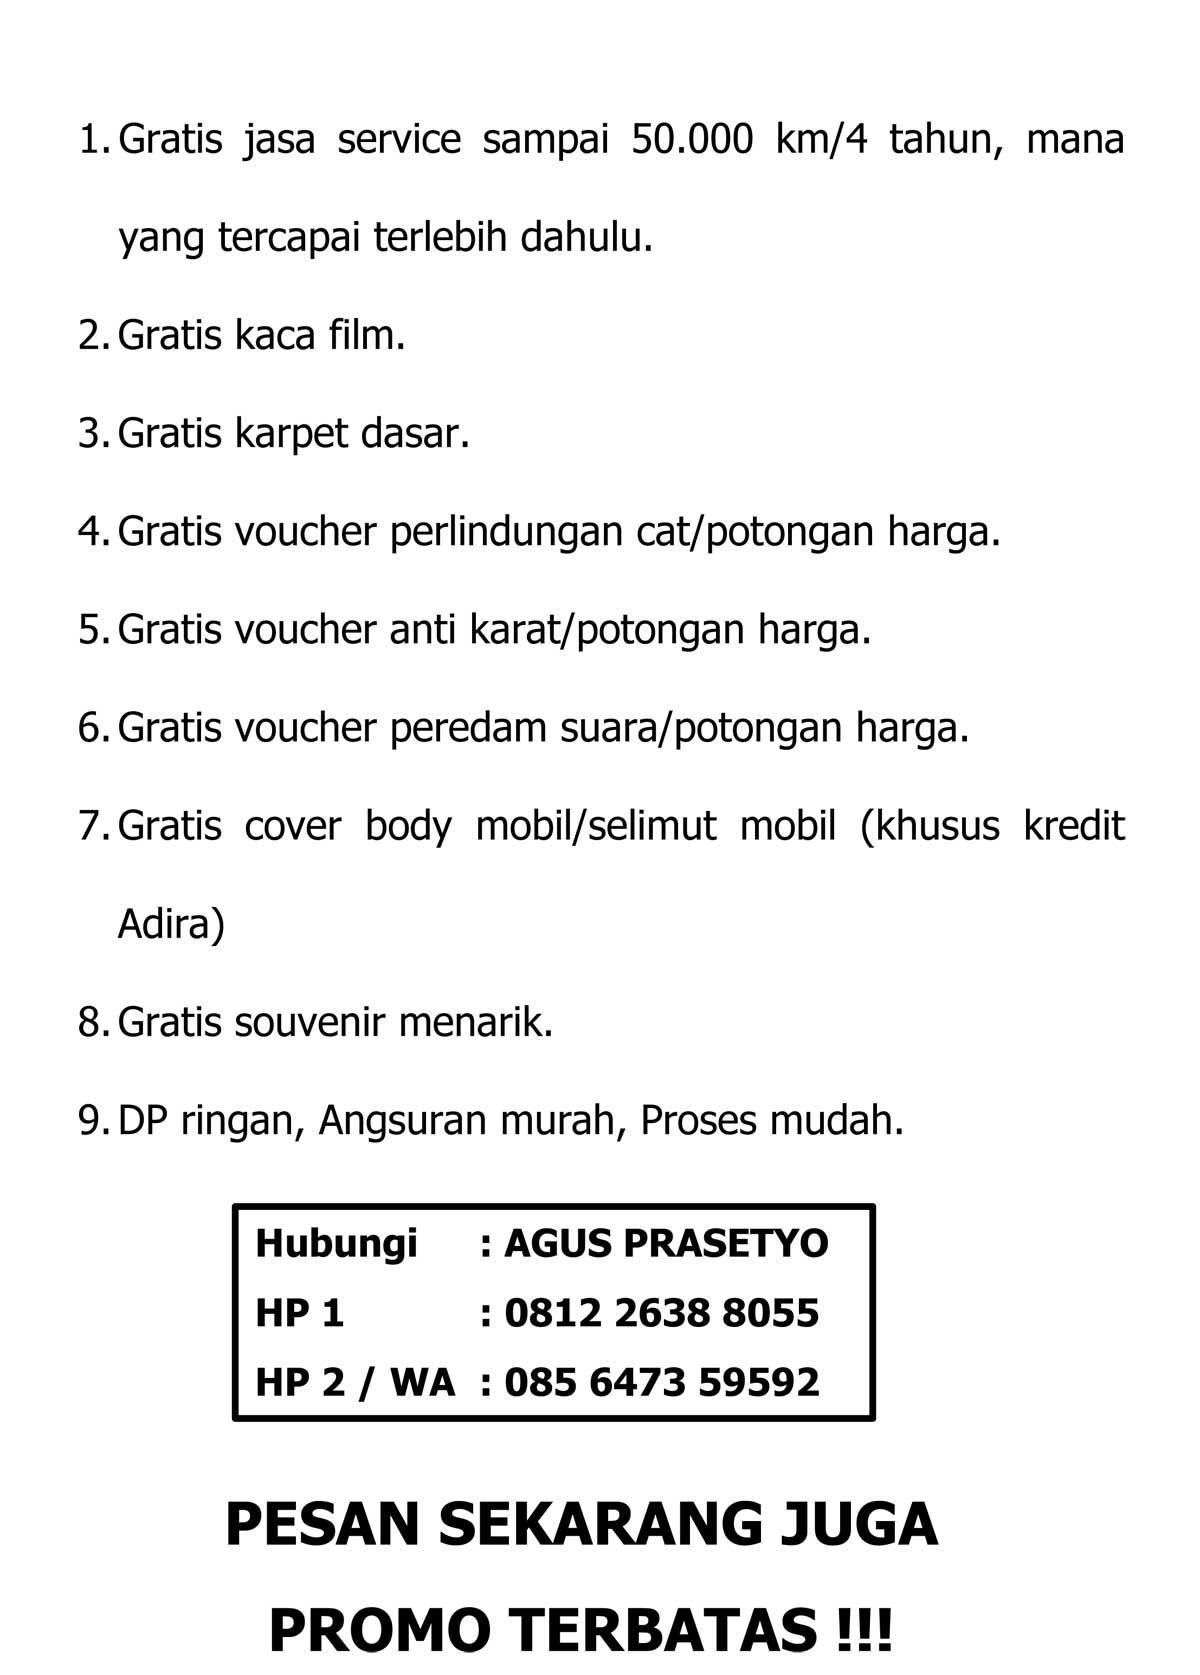 Promo 3 By Agus